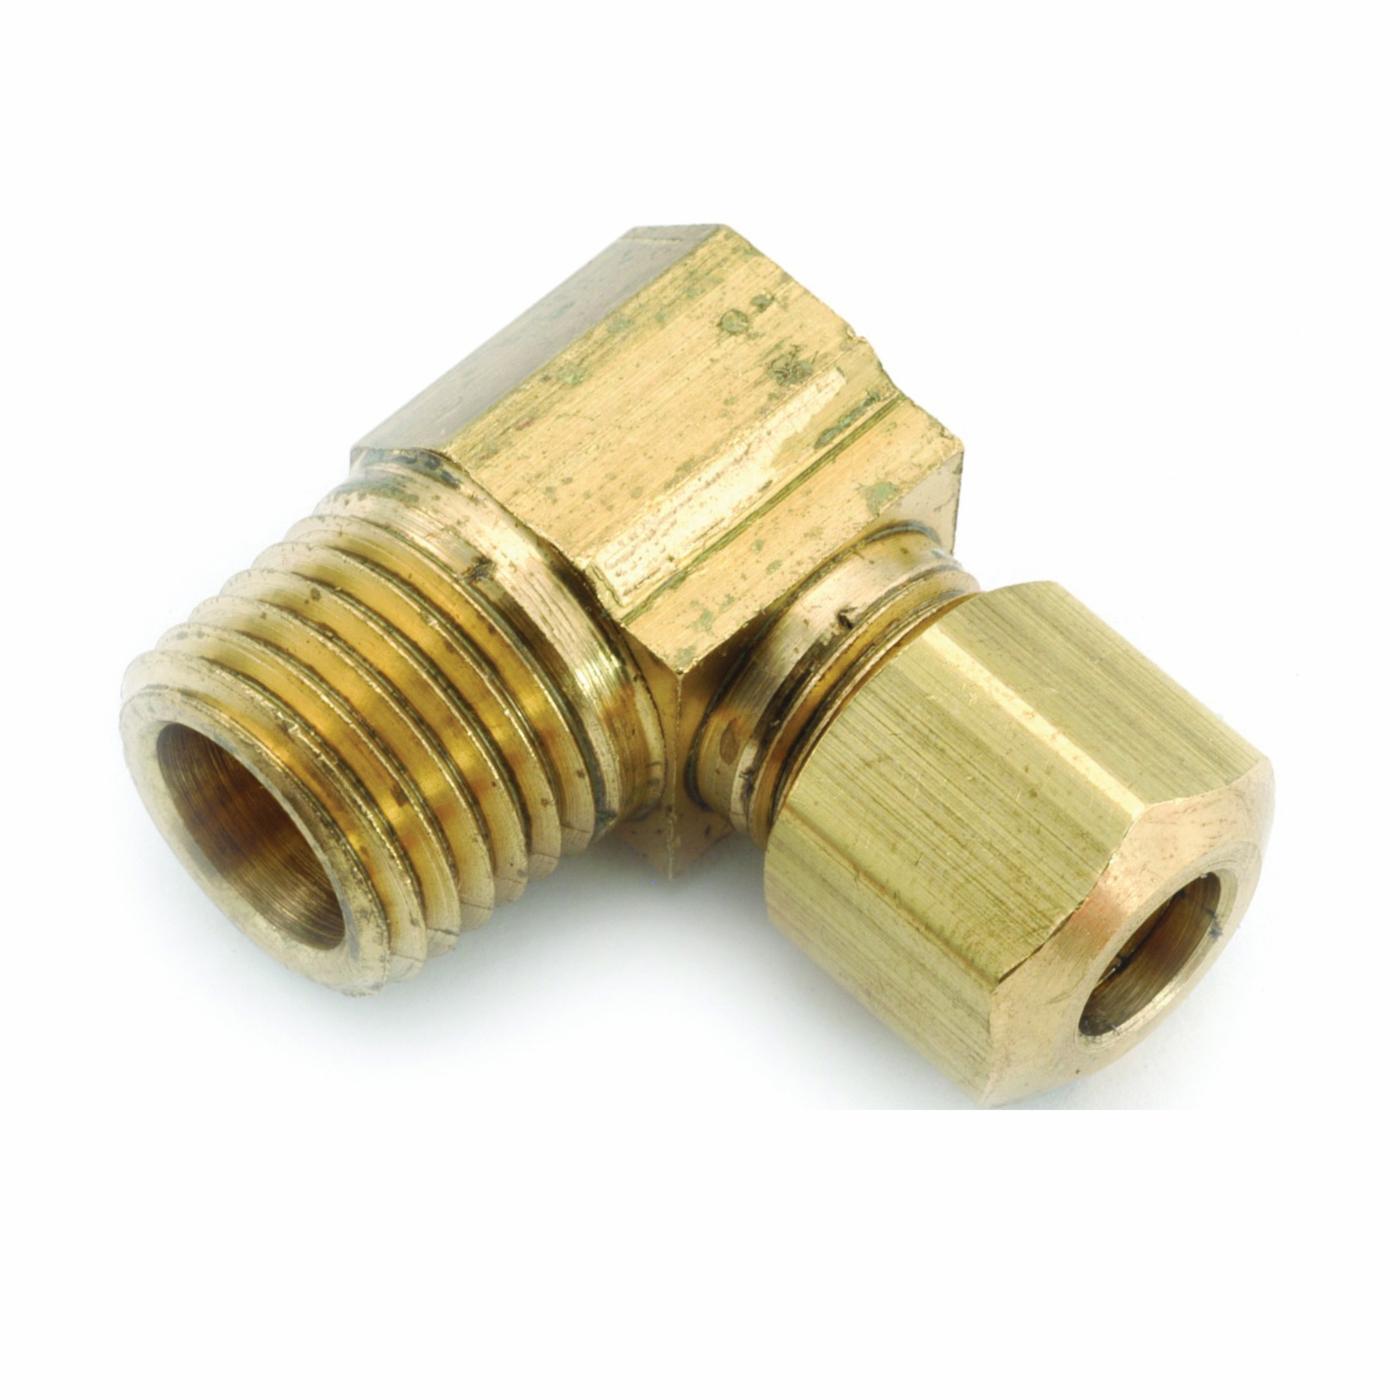 Anderson Metals 750069-0806